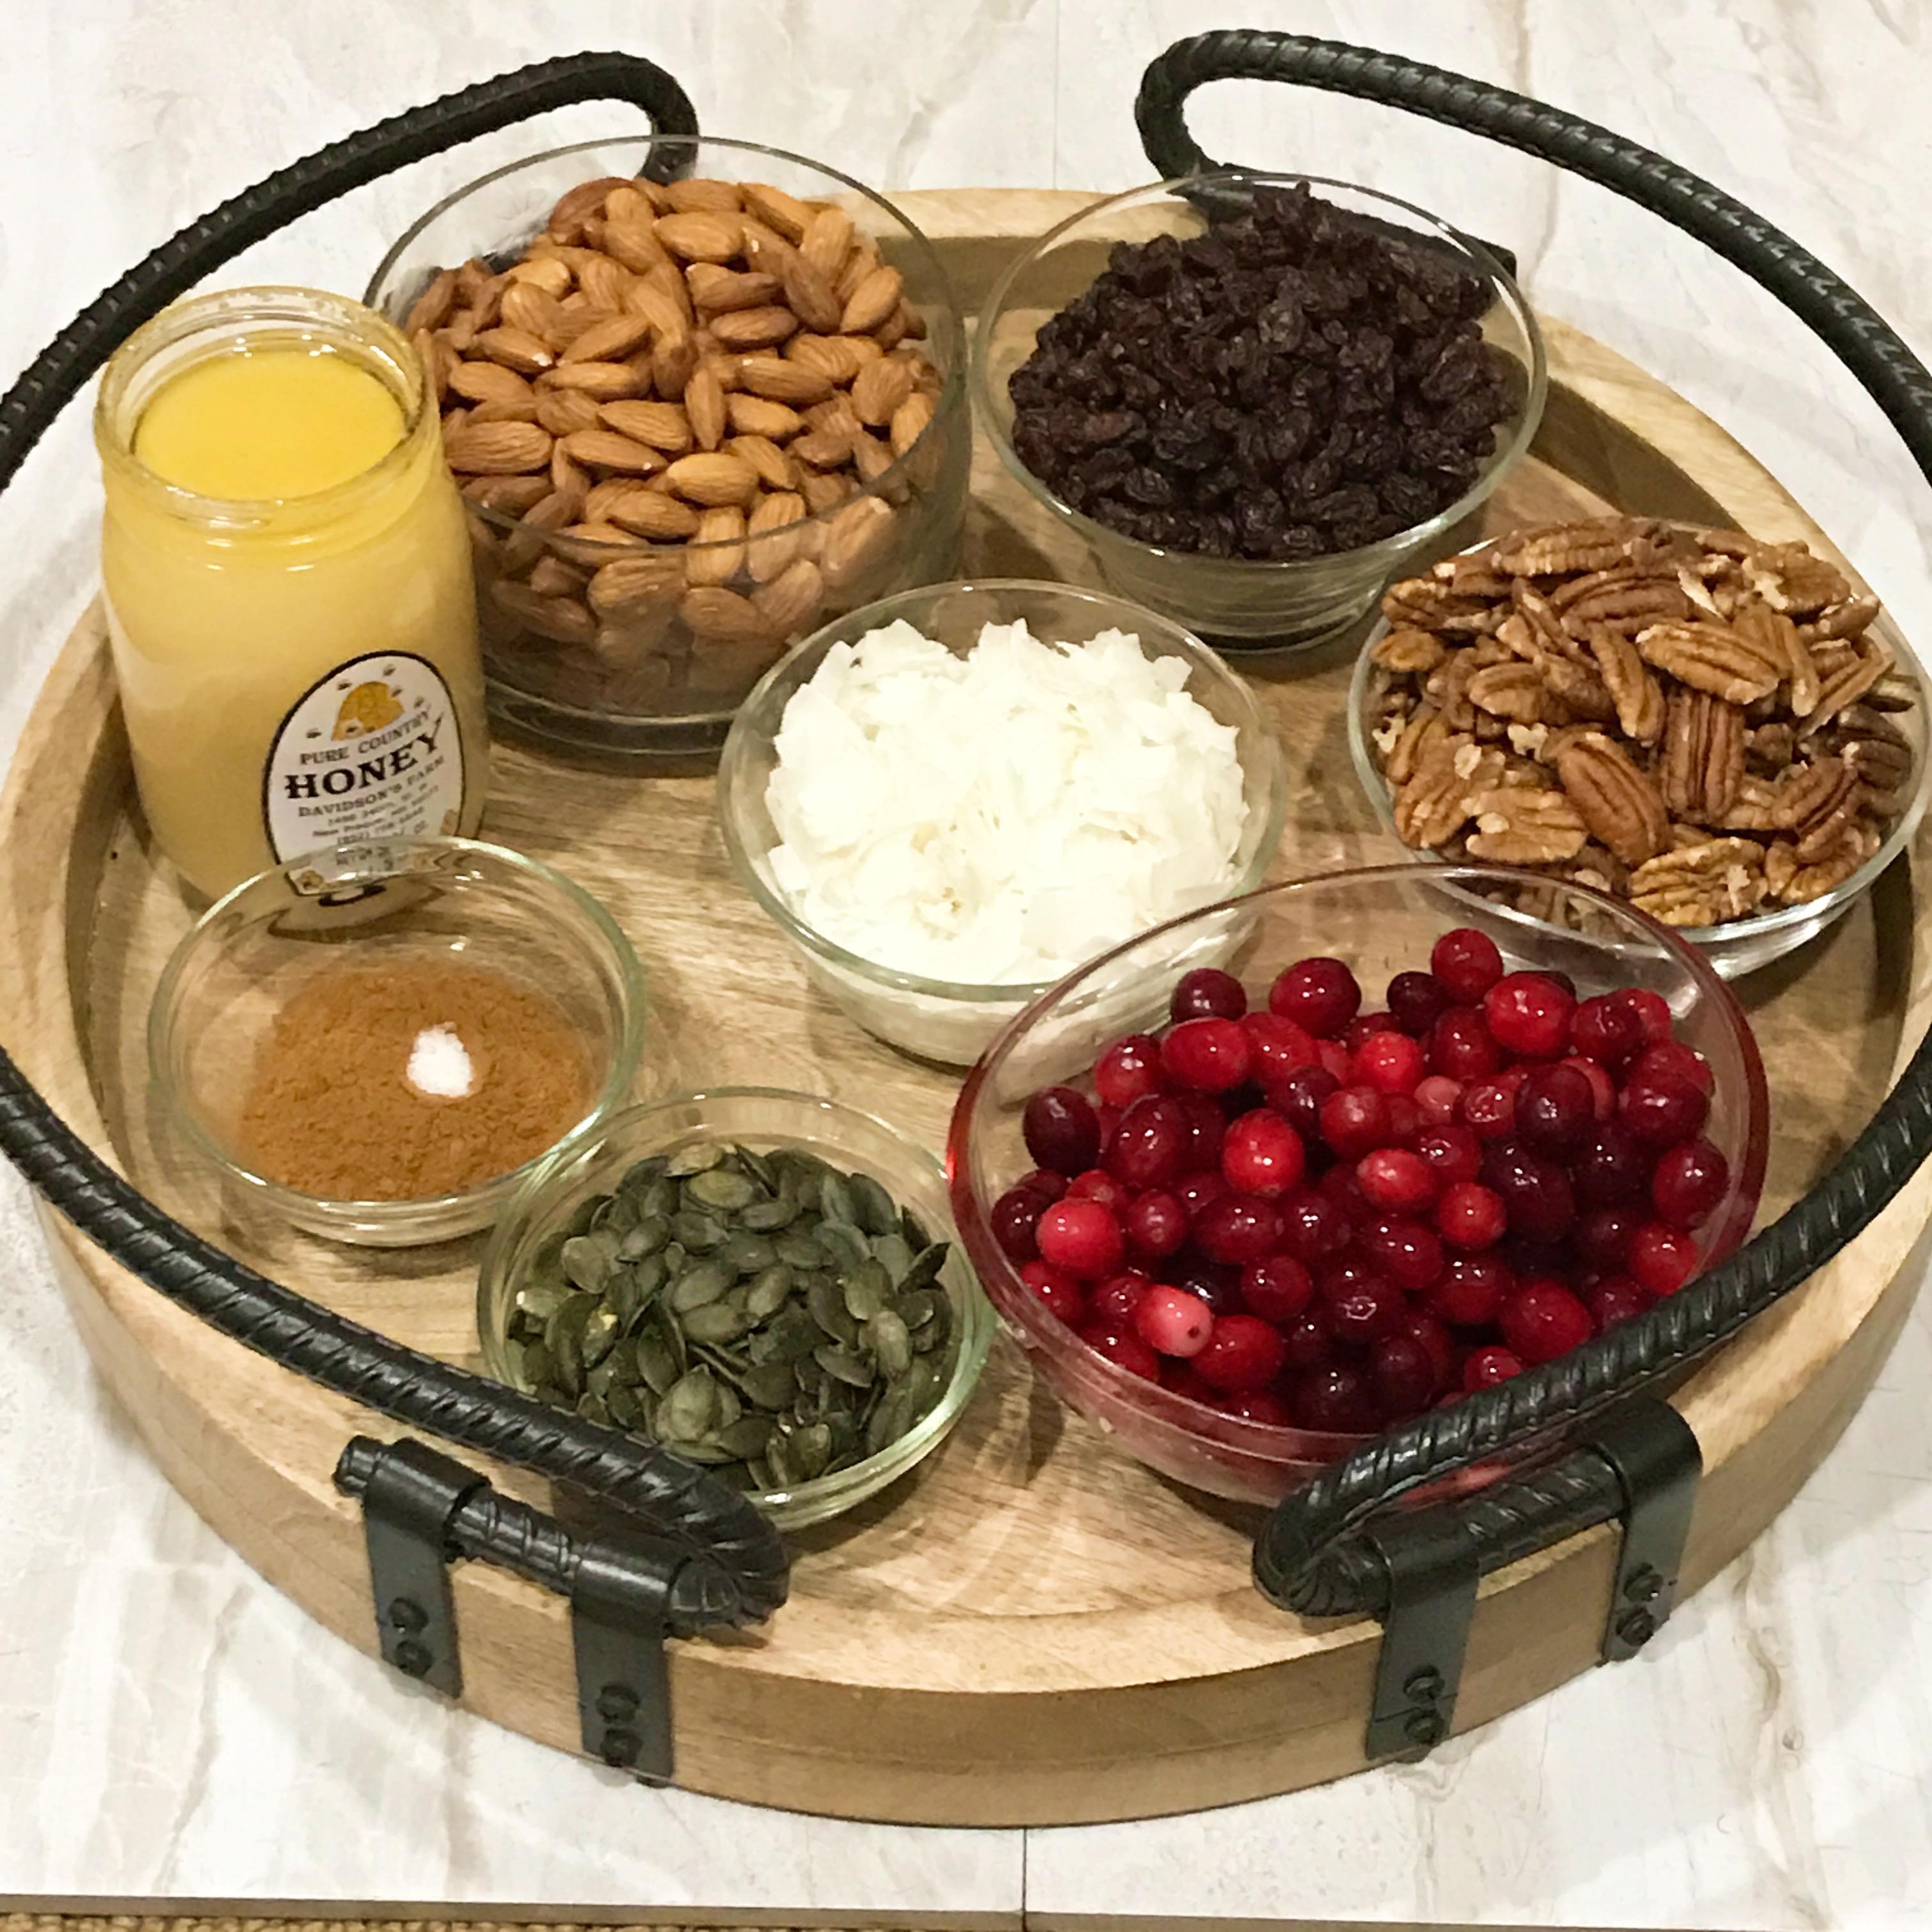 nut brittle ingredients